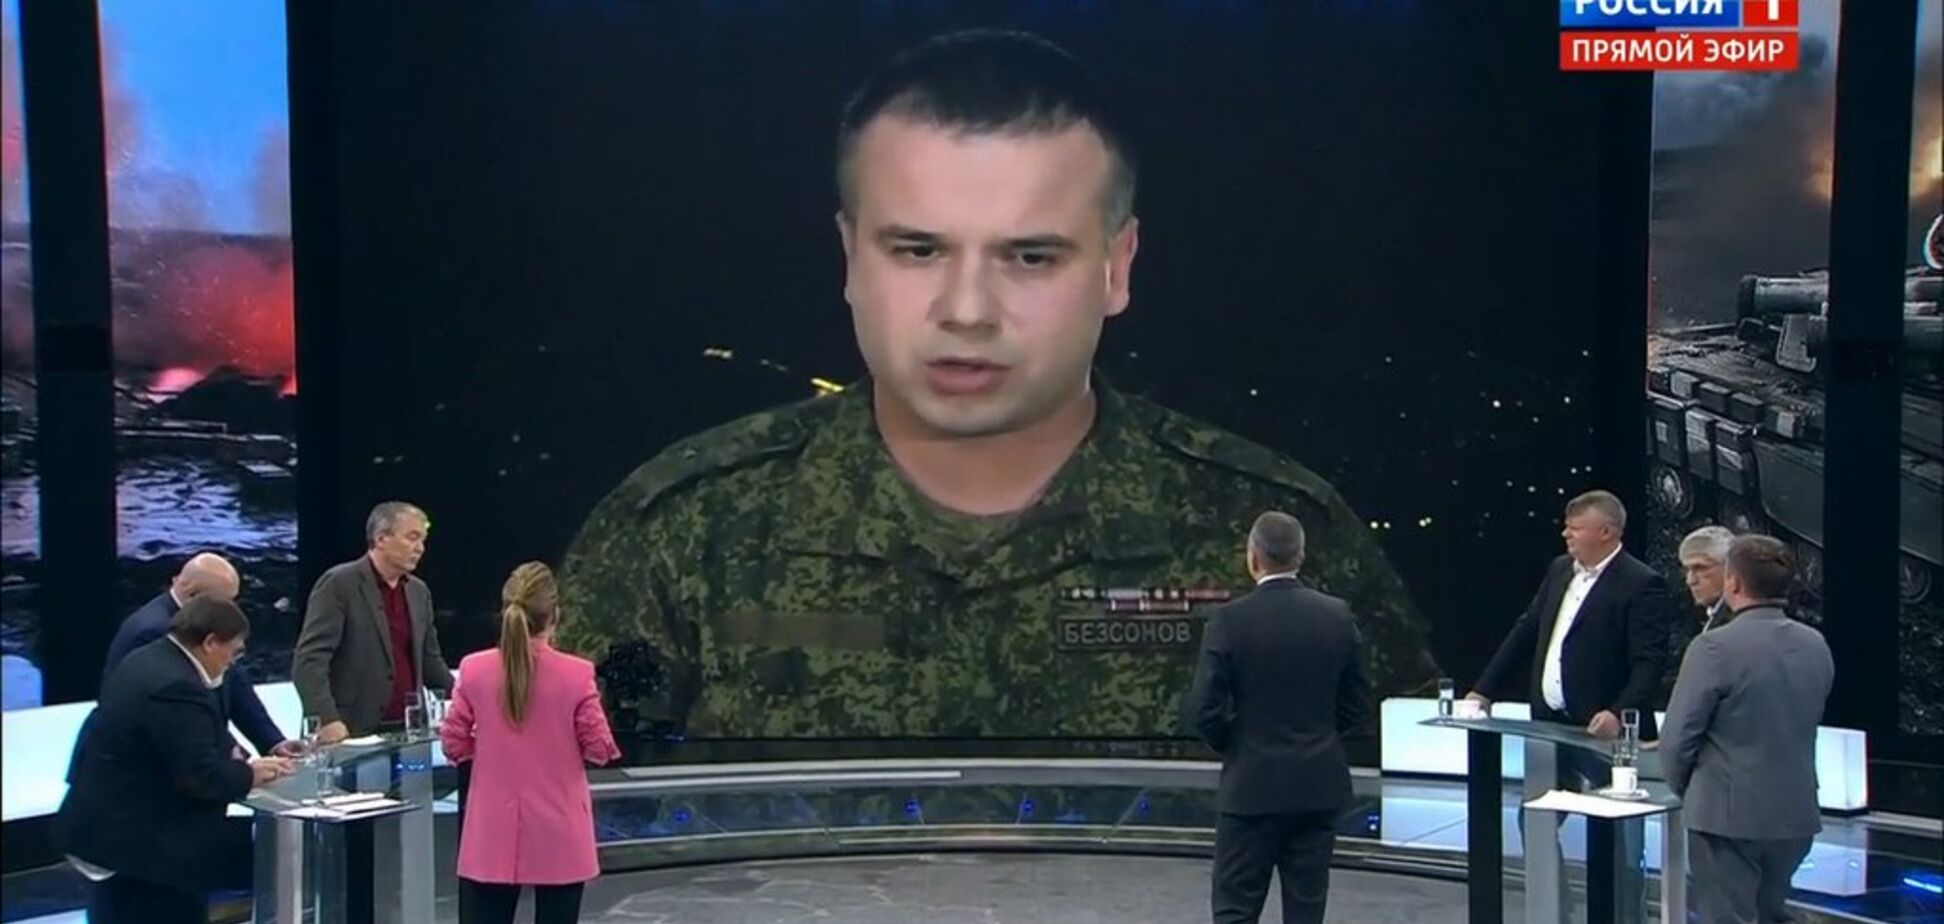 Терорист 'ДНР' марить громадянською війною в Херсонській області